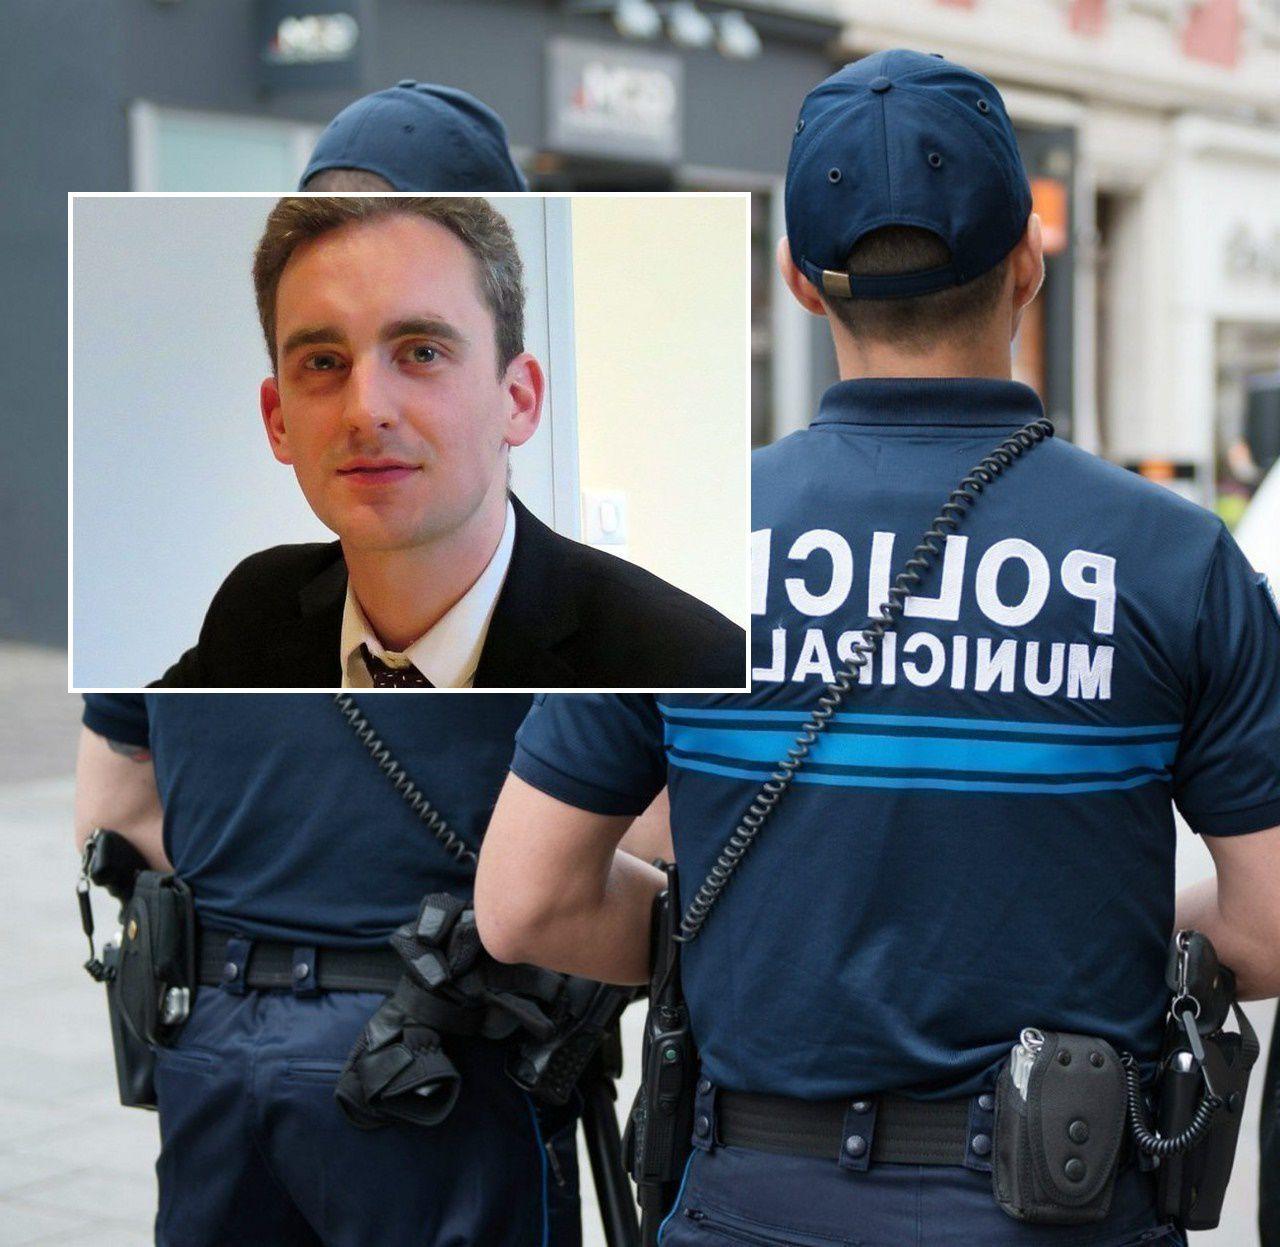 Maire de Conflans-Sainte-Honorine : pas d'insécurité, pas d'arme pour les policiers municipaux !